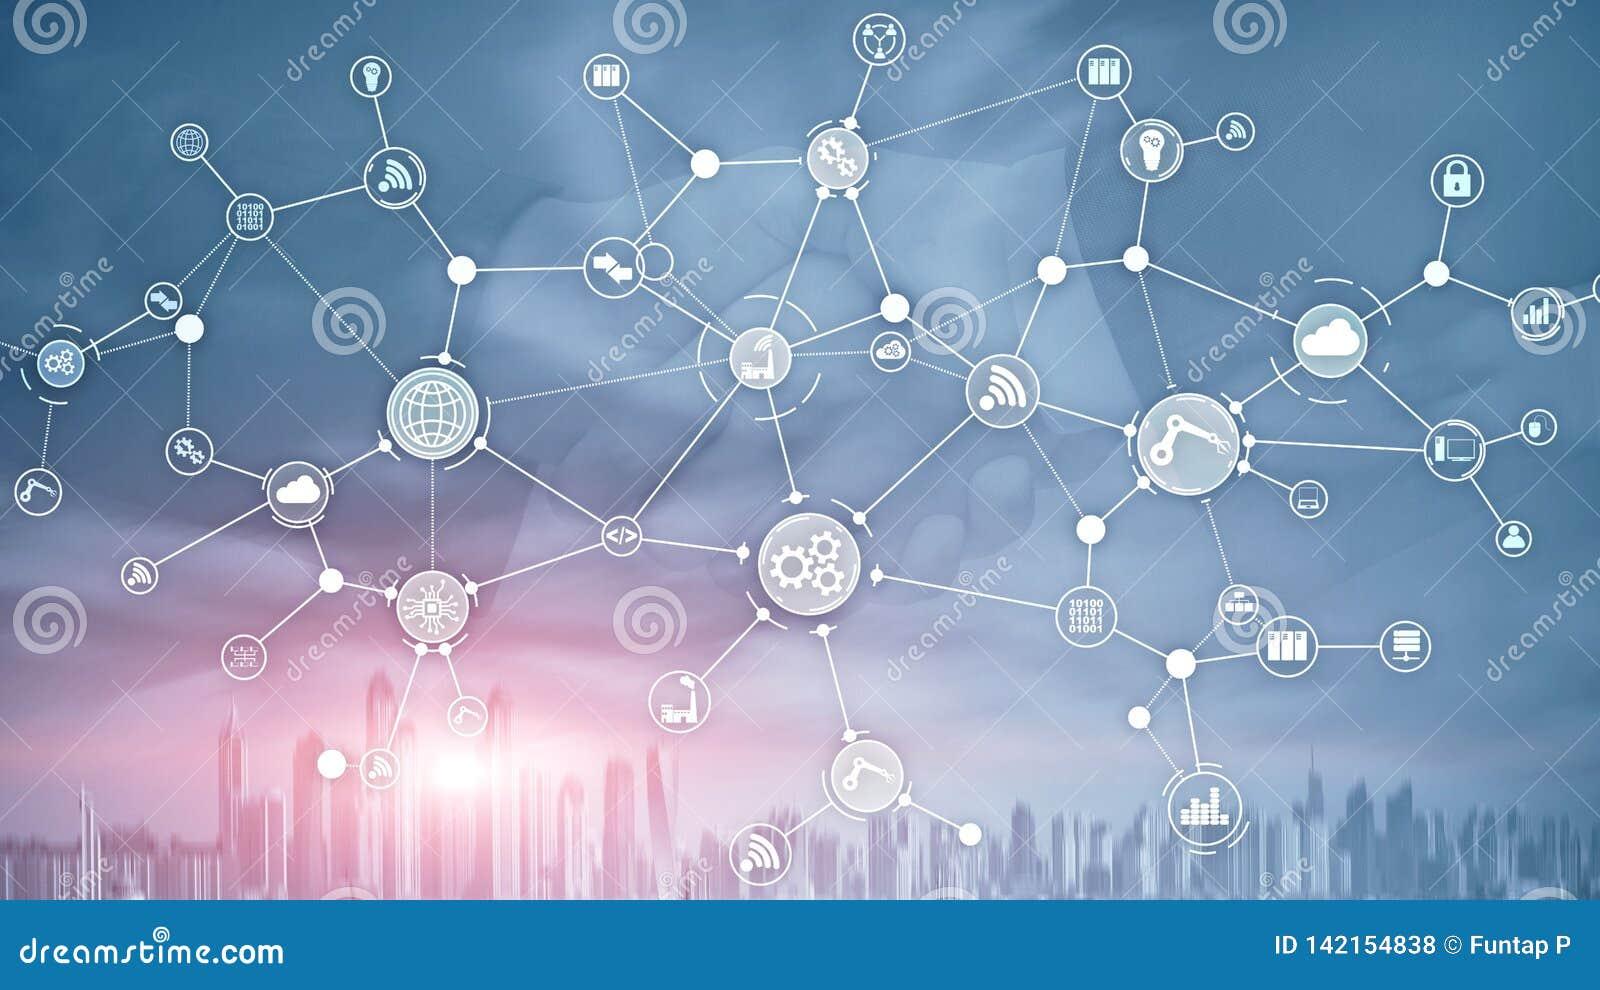 技术工业企业过程工作流在虚屏上的组织结构 IOT聪明的产业概念混合画法